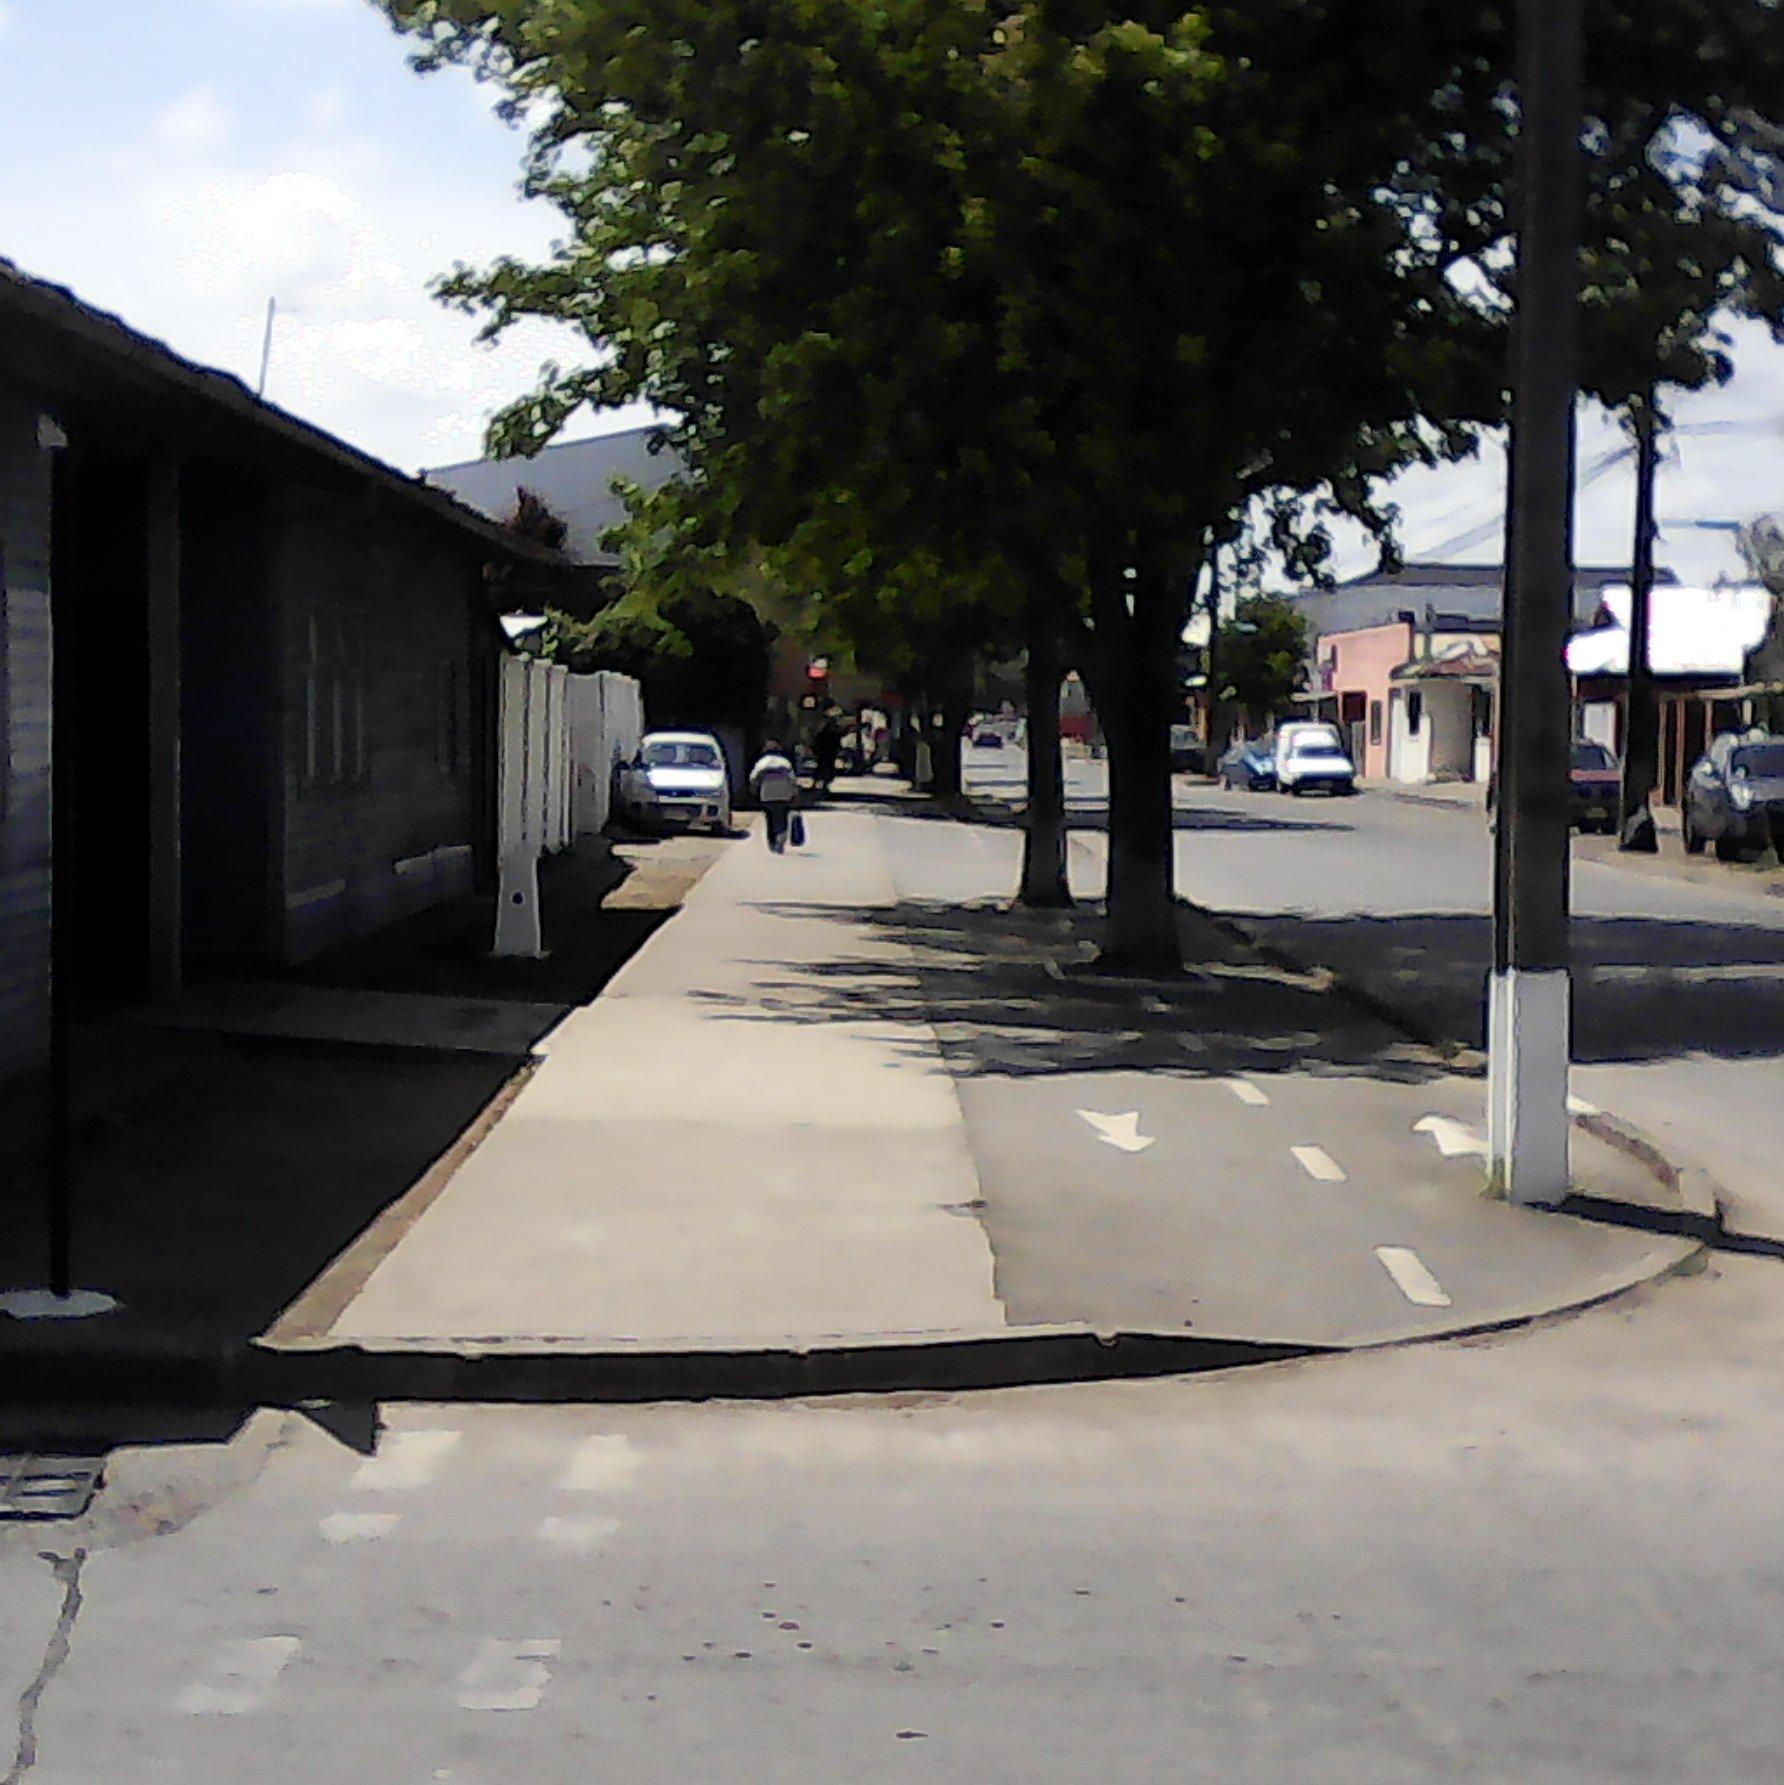 Comuna de San Carlos, se muestra ciclovía diferenciada, sin embargo la vereda carece de cruce peatonal rebajado